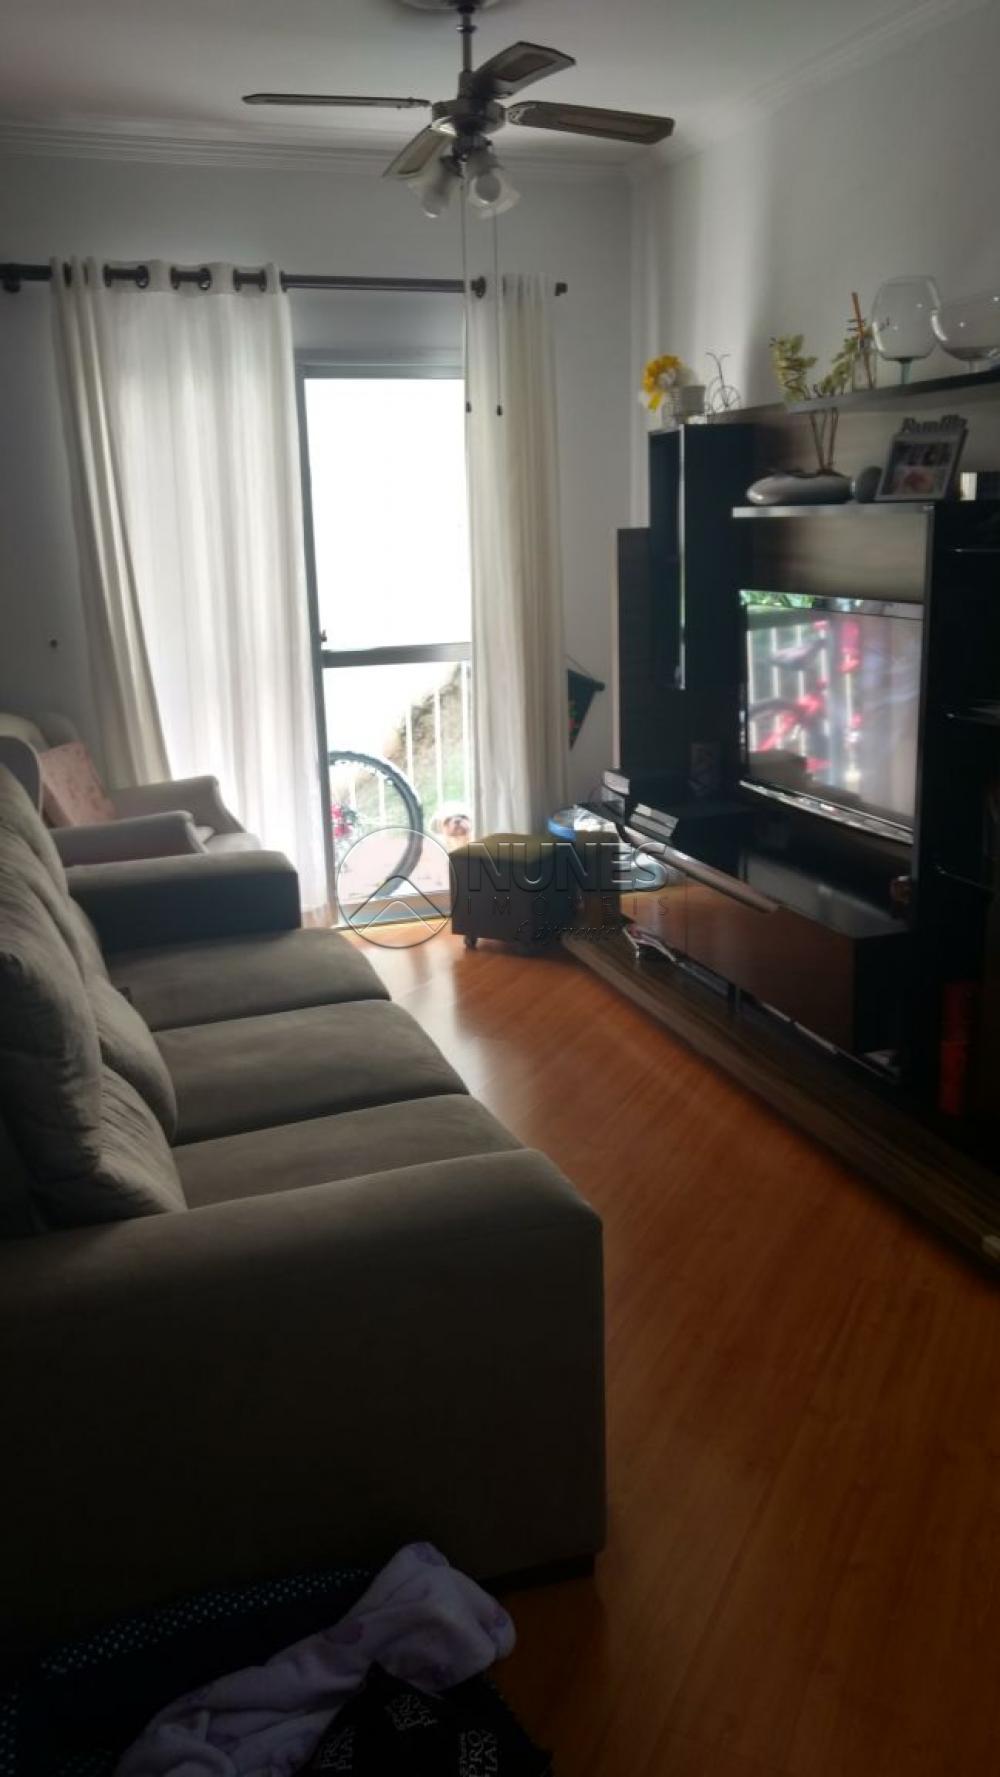 Comprar Apartamento / Padrão em Osasco apenas R$ 252.000,00 - Foto 2